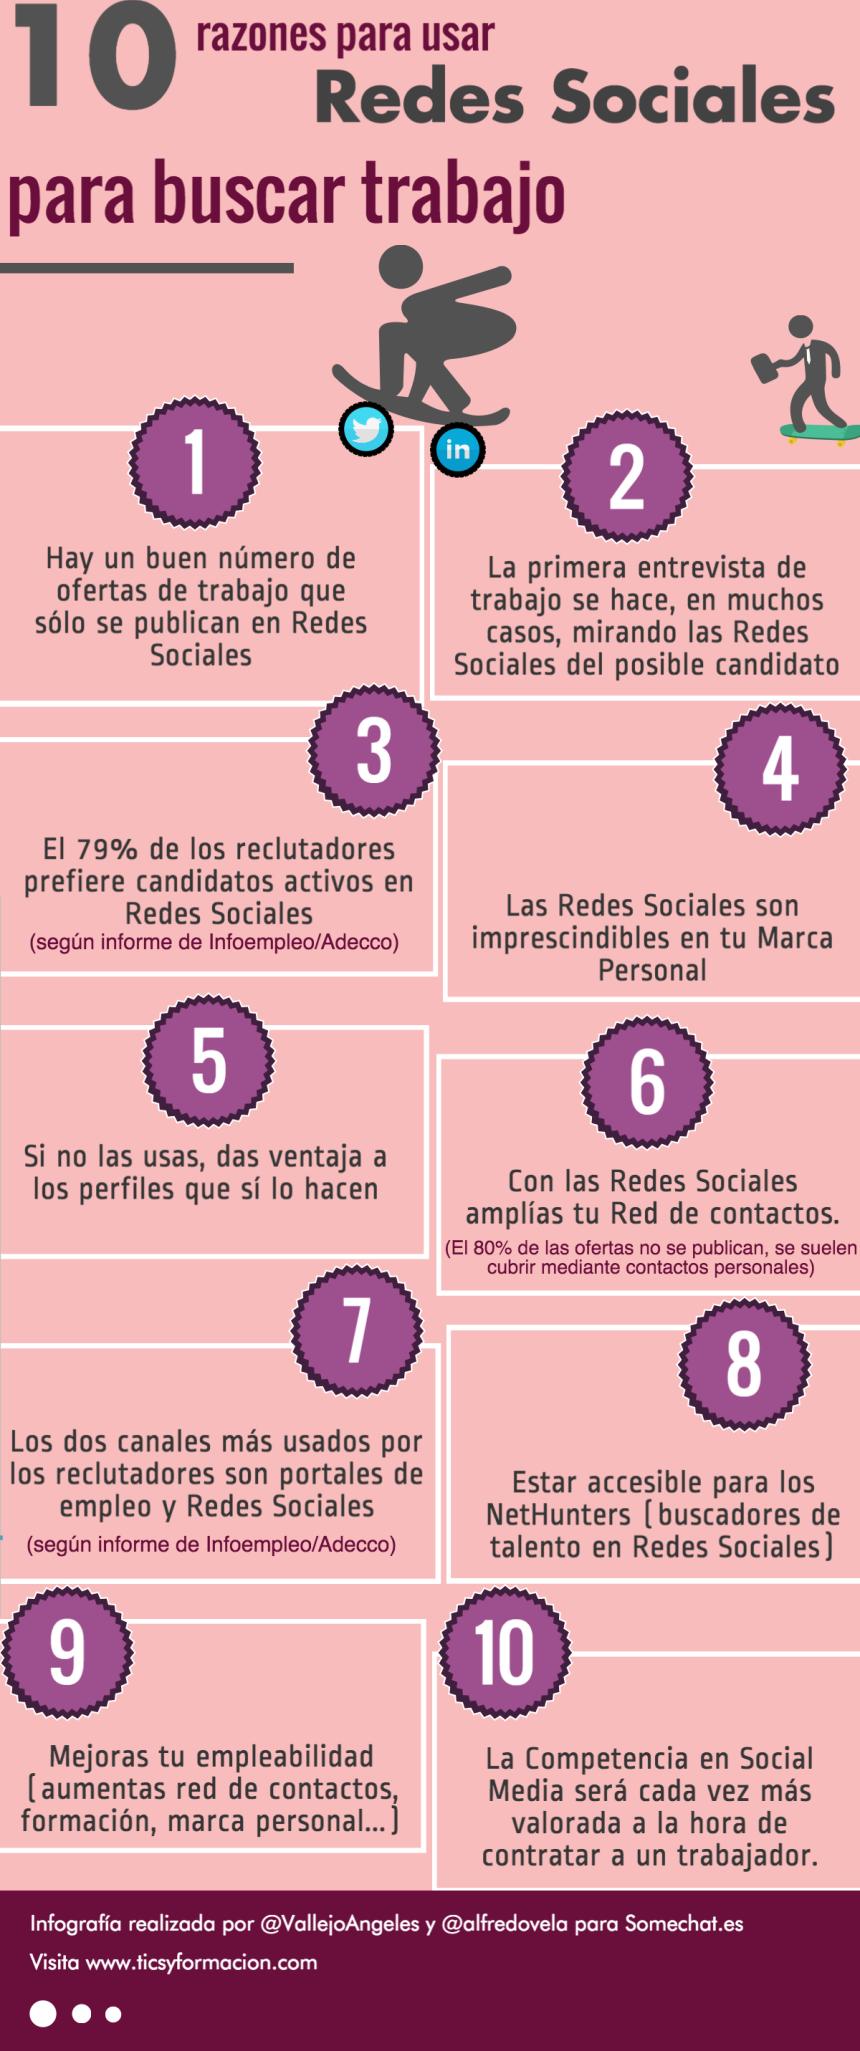 10 razones para usar Redes Sociales para buscar trabajo